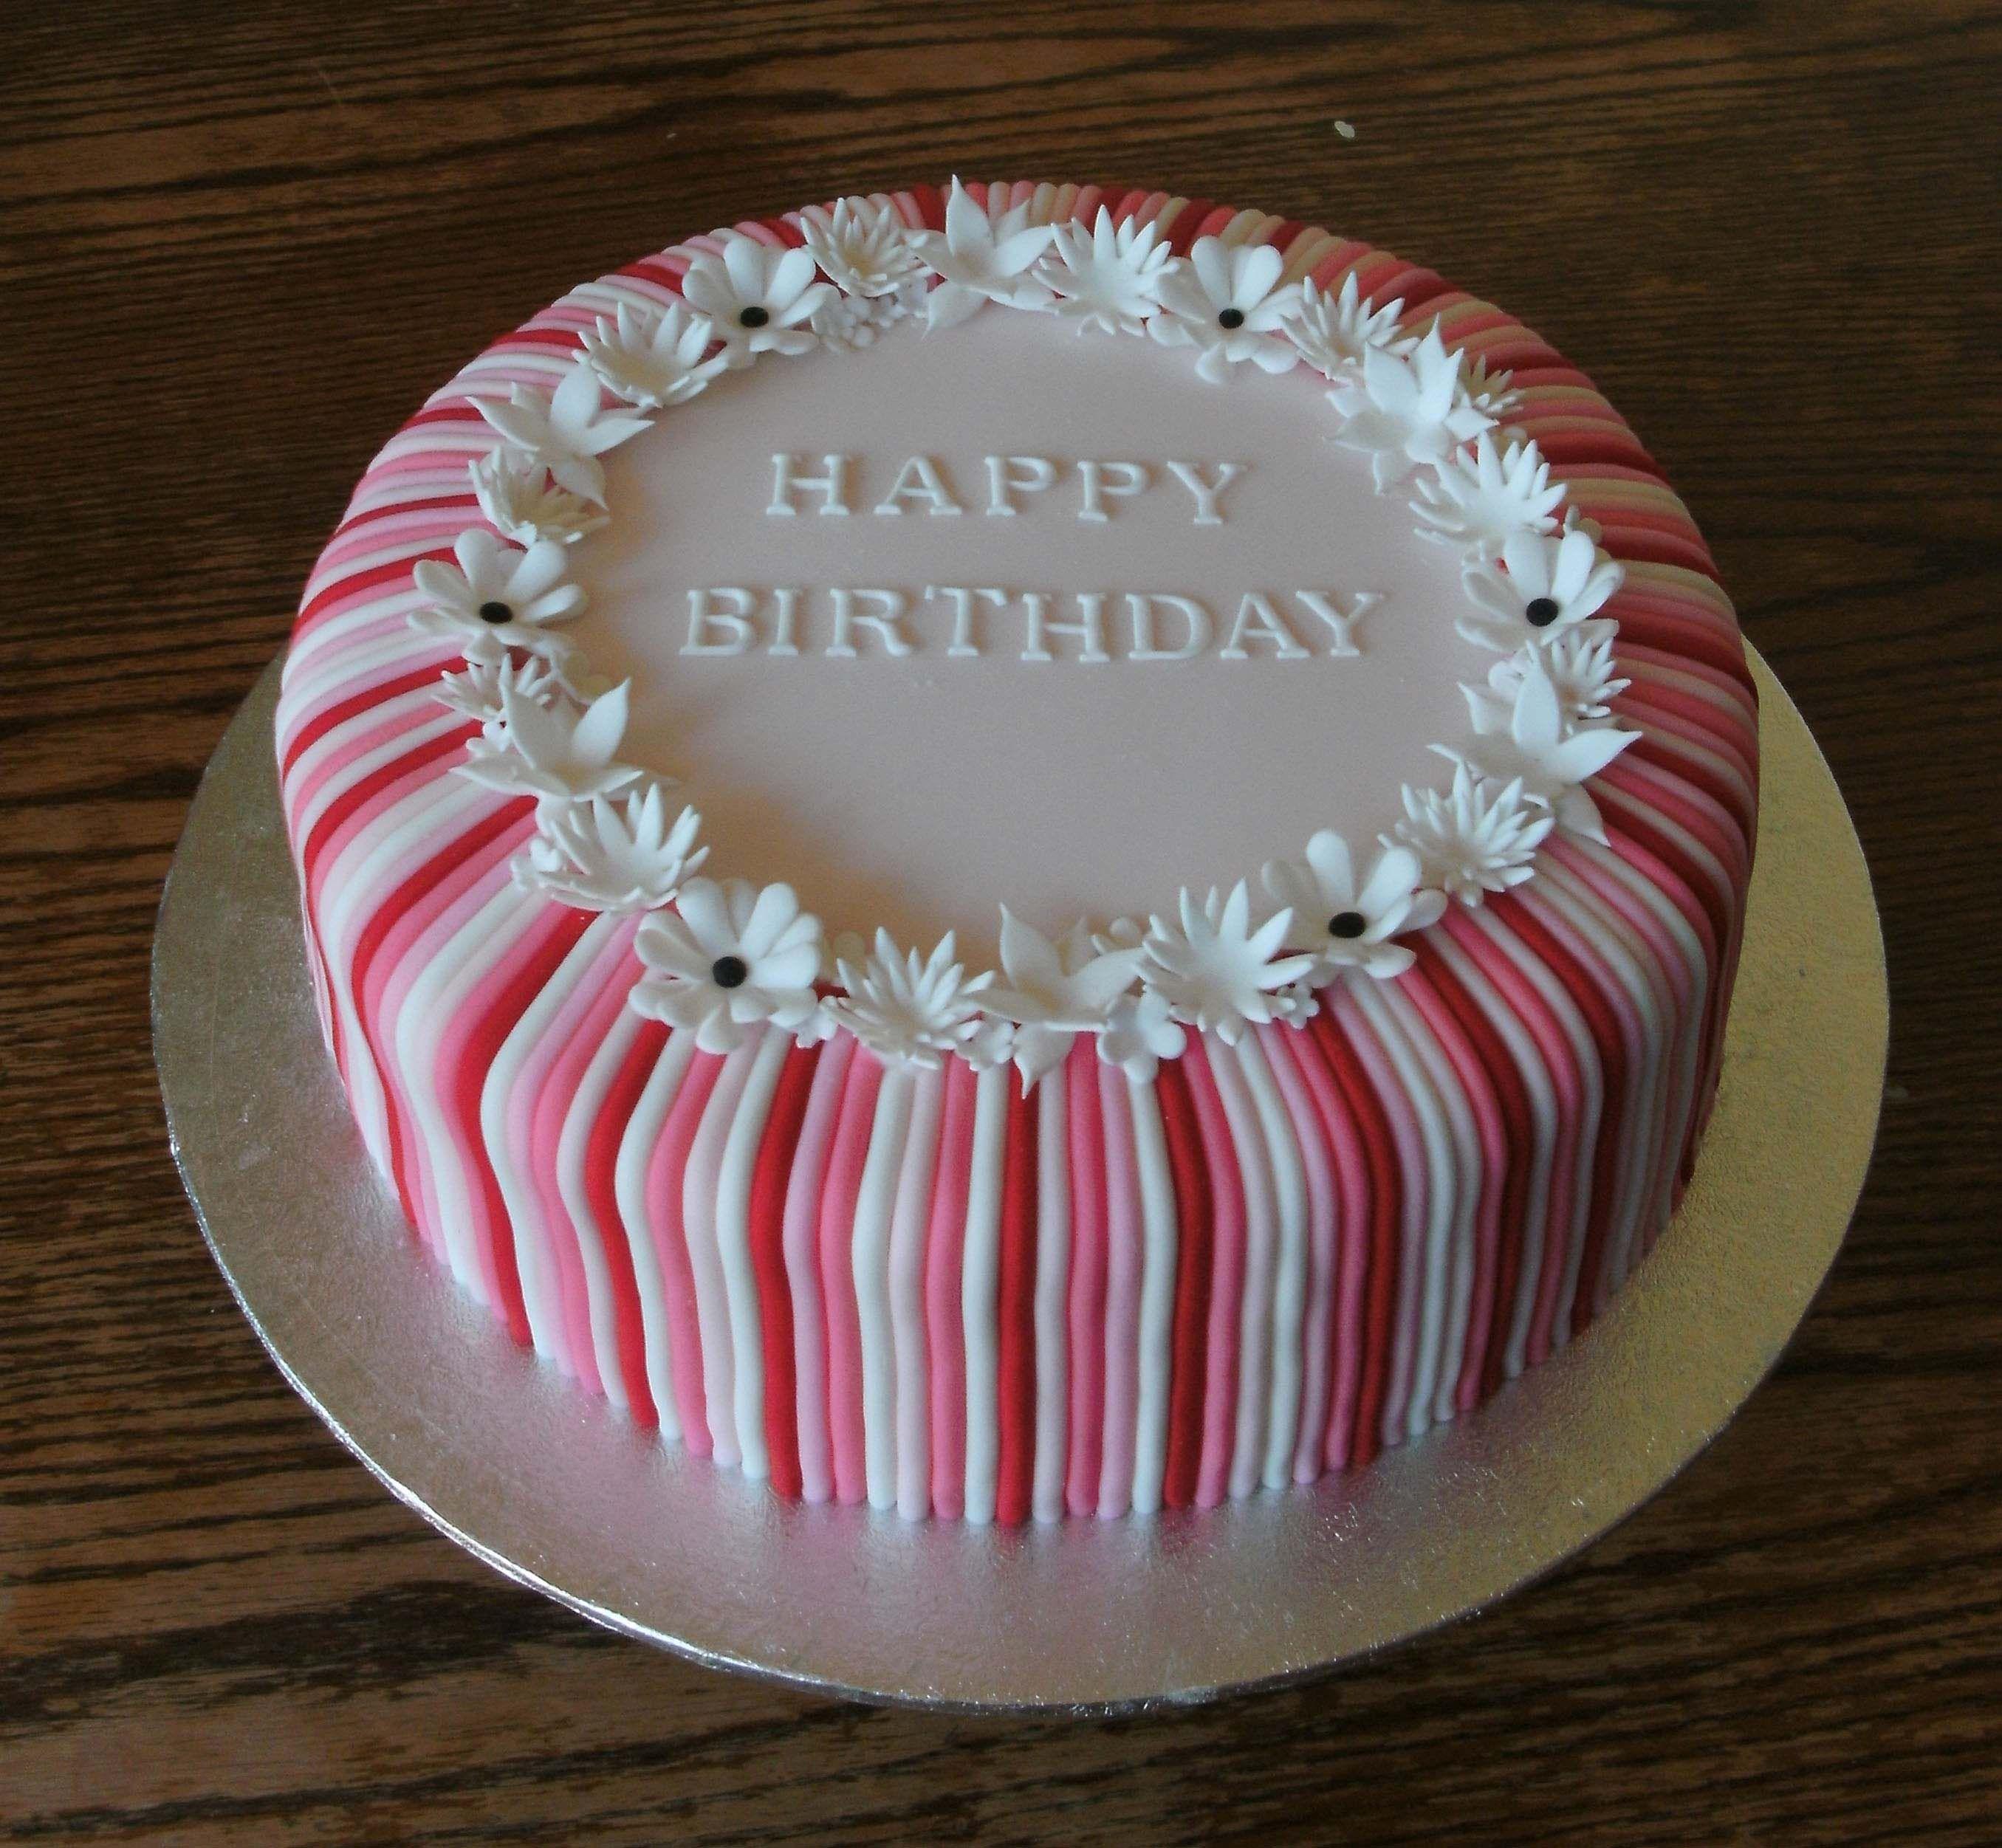 Pleasant Celebration Cakes Eventsstyle Com 32140 10 Wonderful Celebration Personalised Birthday Cards Beptaeletsinfo